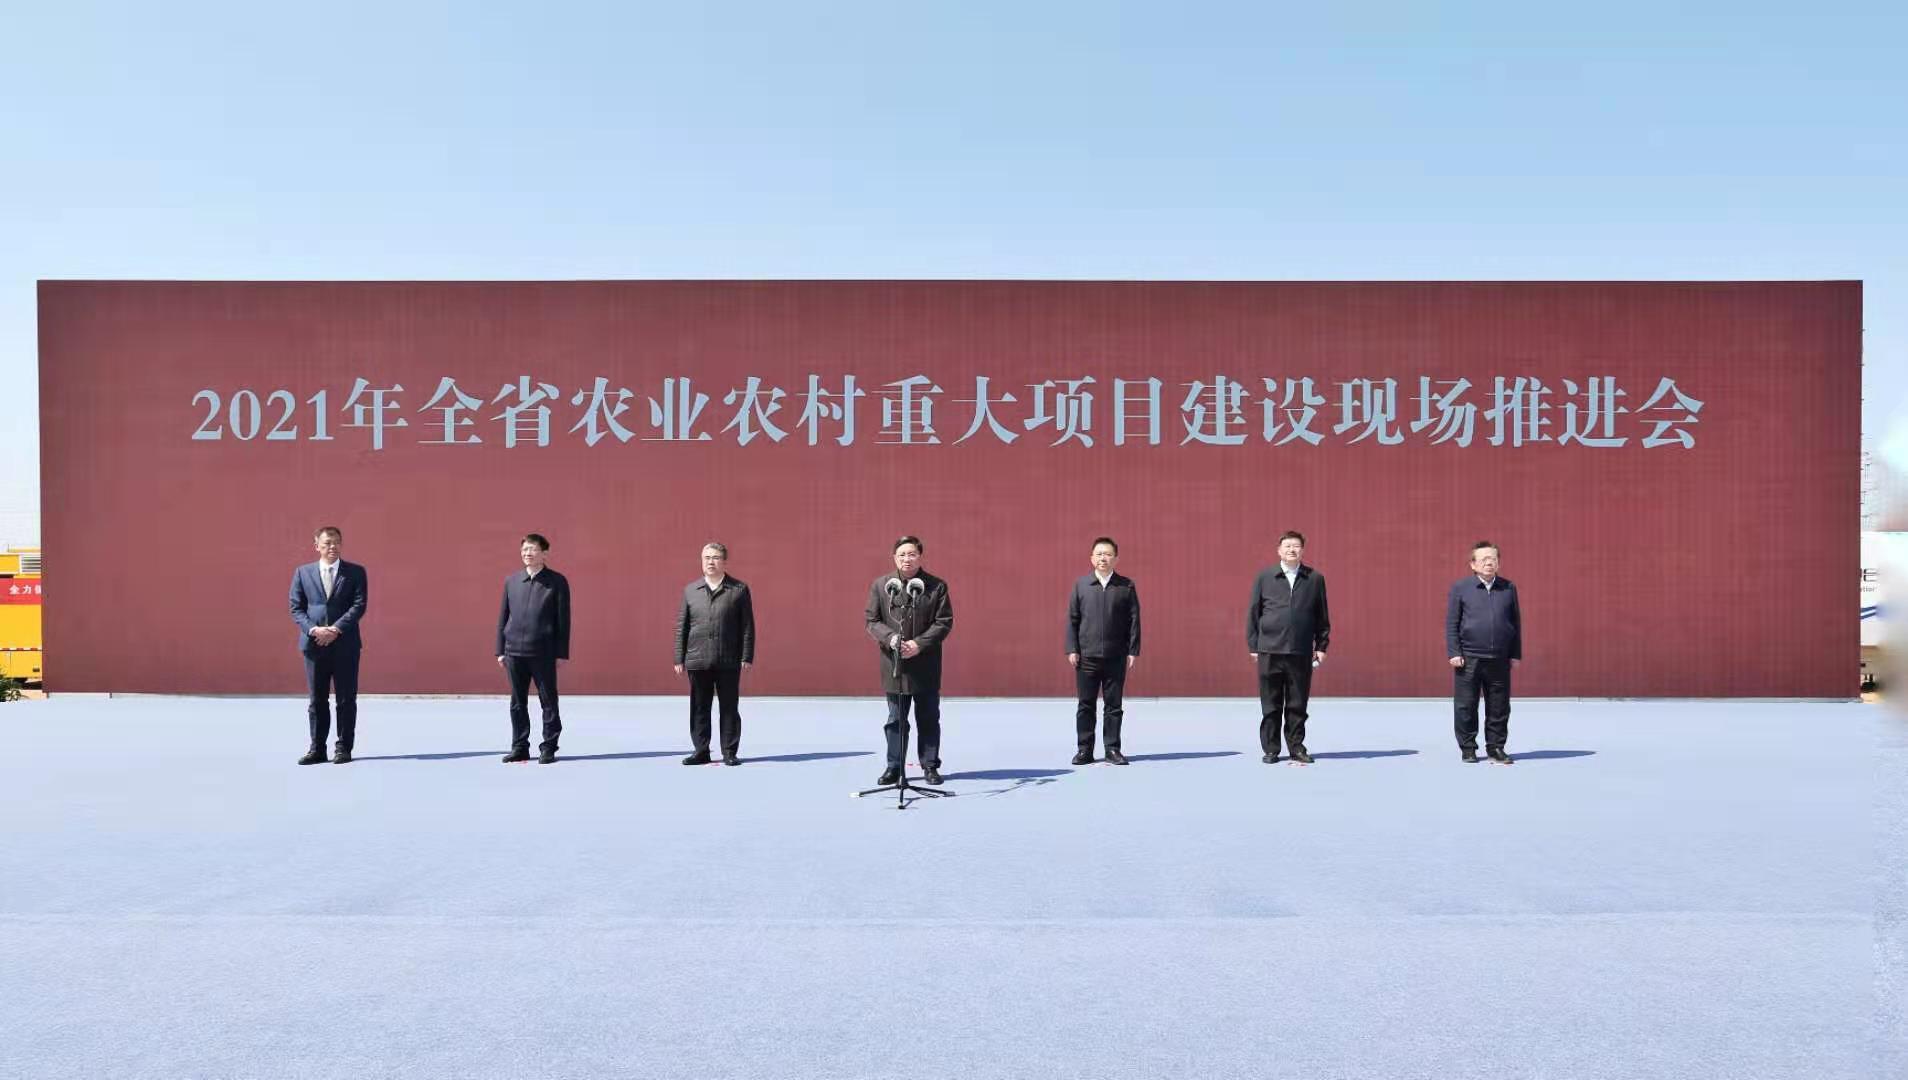 江苏全省农业农村重大项目建设现